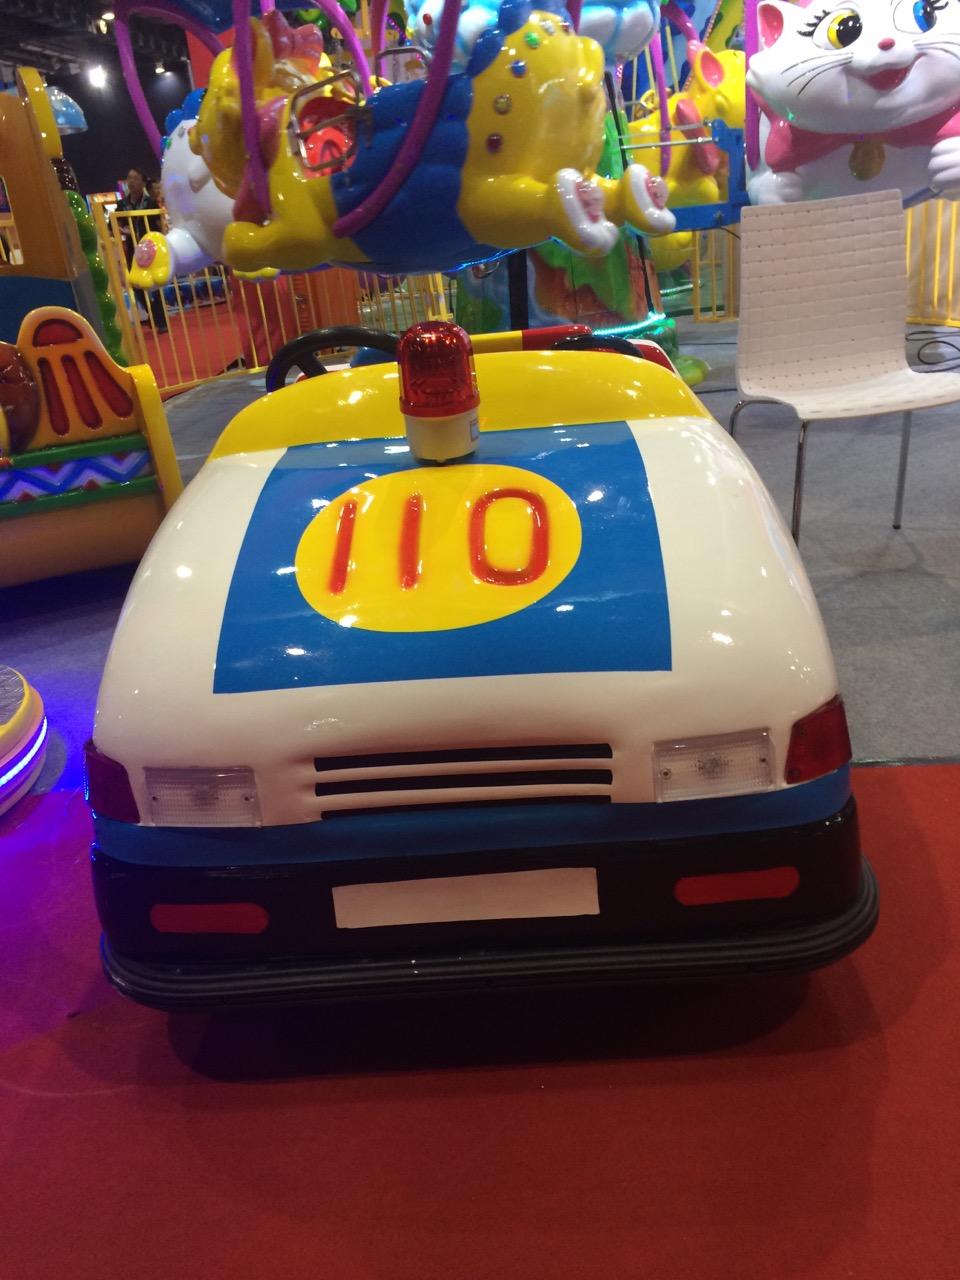 中山儿童电动车厂家/儿童电动车 本公司系列儿童电池车,是一种供2~15岁少年儿童自行驾驶操作的室内游艺机,本机以蓄电池为电源,用直流电机驱动,周边安装了安全缓冲橡胶,外壳采用了色彩鲜艳美观耐用的玻璃钢制造,共设计有四十多款外观机型,机内的电控装置能准确地控制整机的运行时间及电子伴音和装饰彩灯等电器部件的工作。 适用室内和室外游乐设备 中山乐斯高游乐设备有限公司具有制造游乐机械十余年的雄厚机械加工实力和技术力量,从原材料的切割、剪、折、弯到车、铣、刨、焊接及精密装配等所有工序都由公司车间自主完成。2015